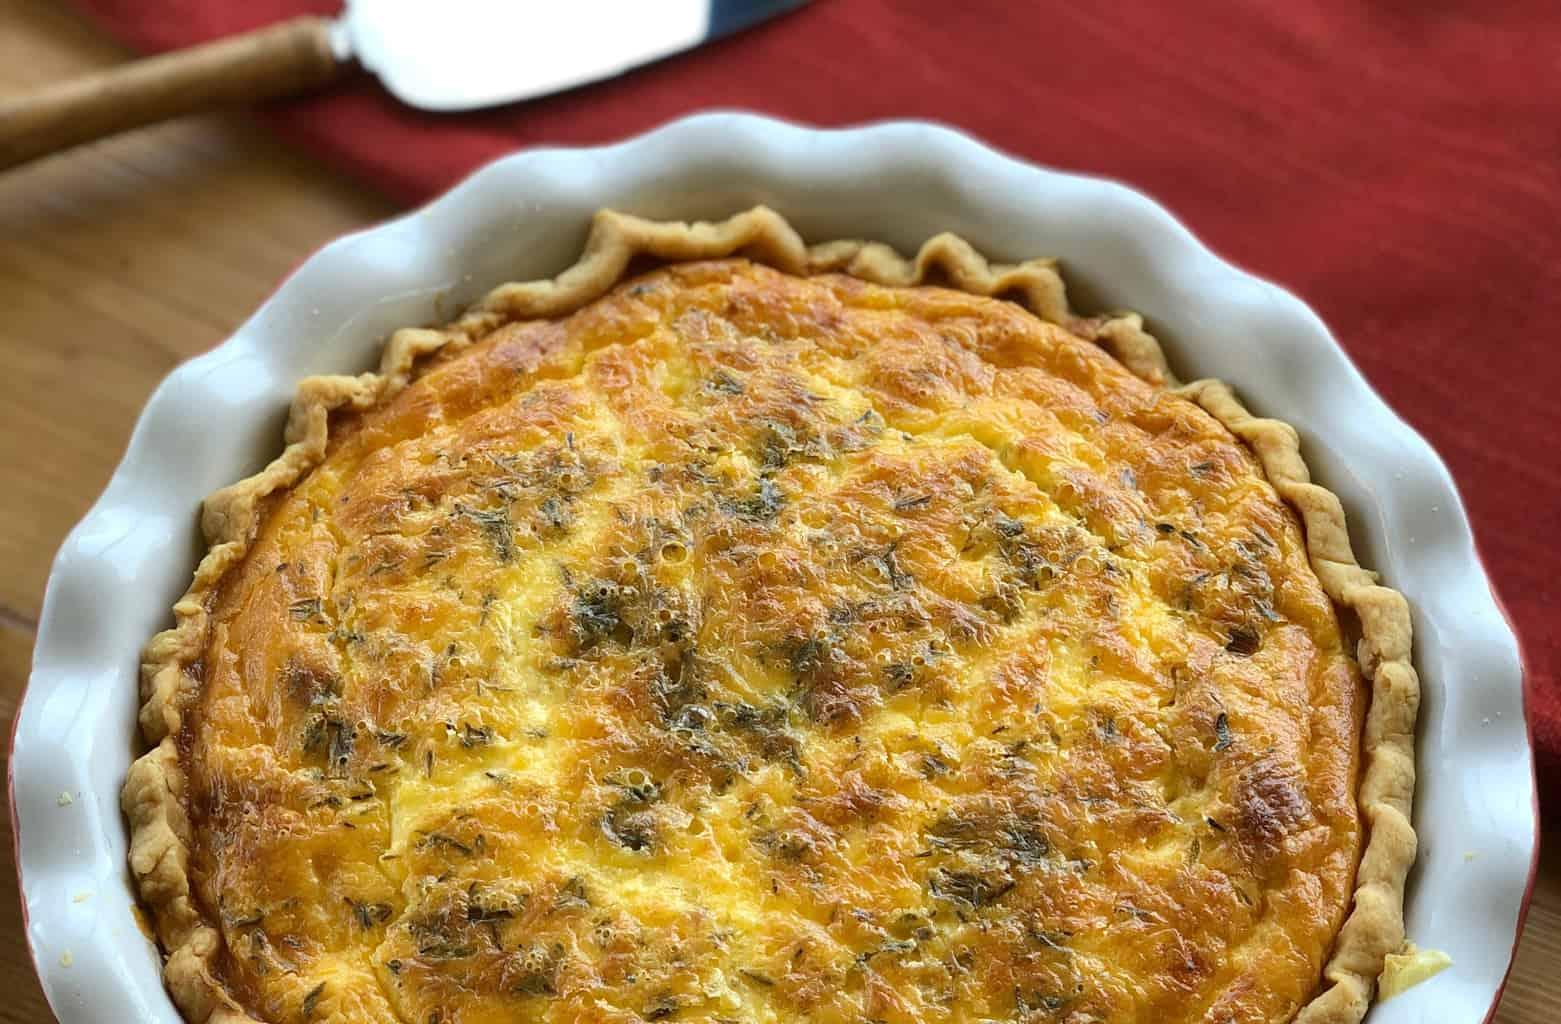 Just A Mum's baked warm Quiche Lorraine